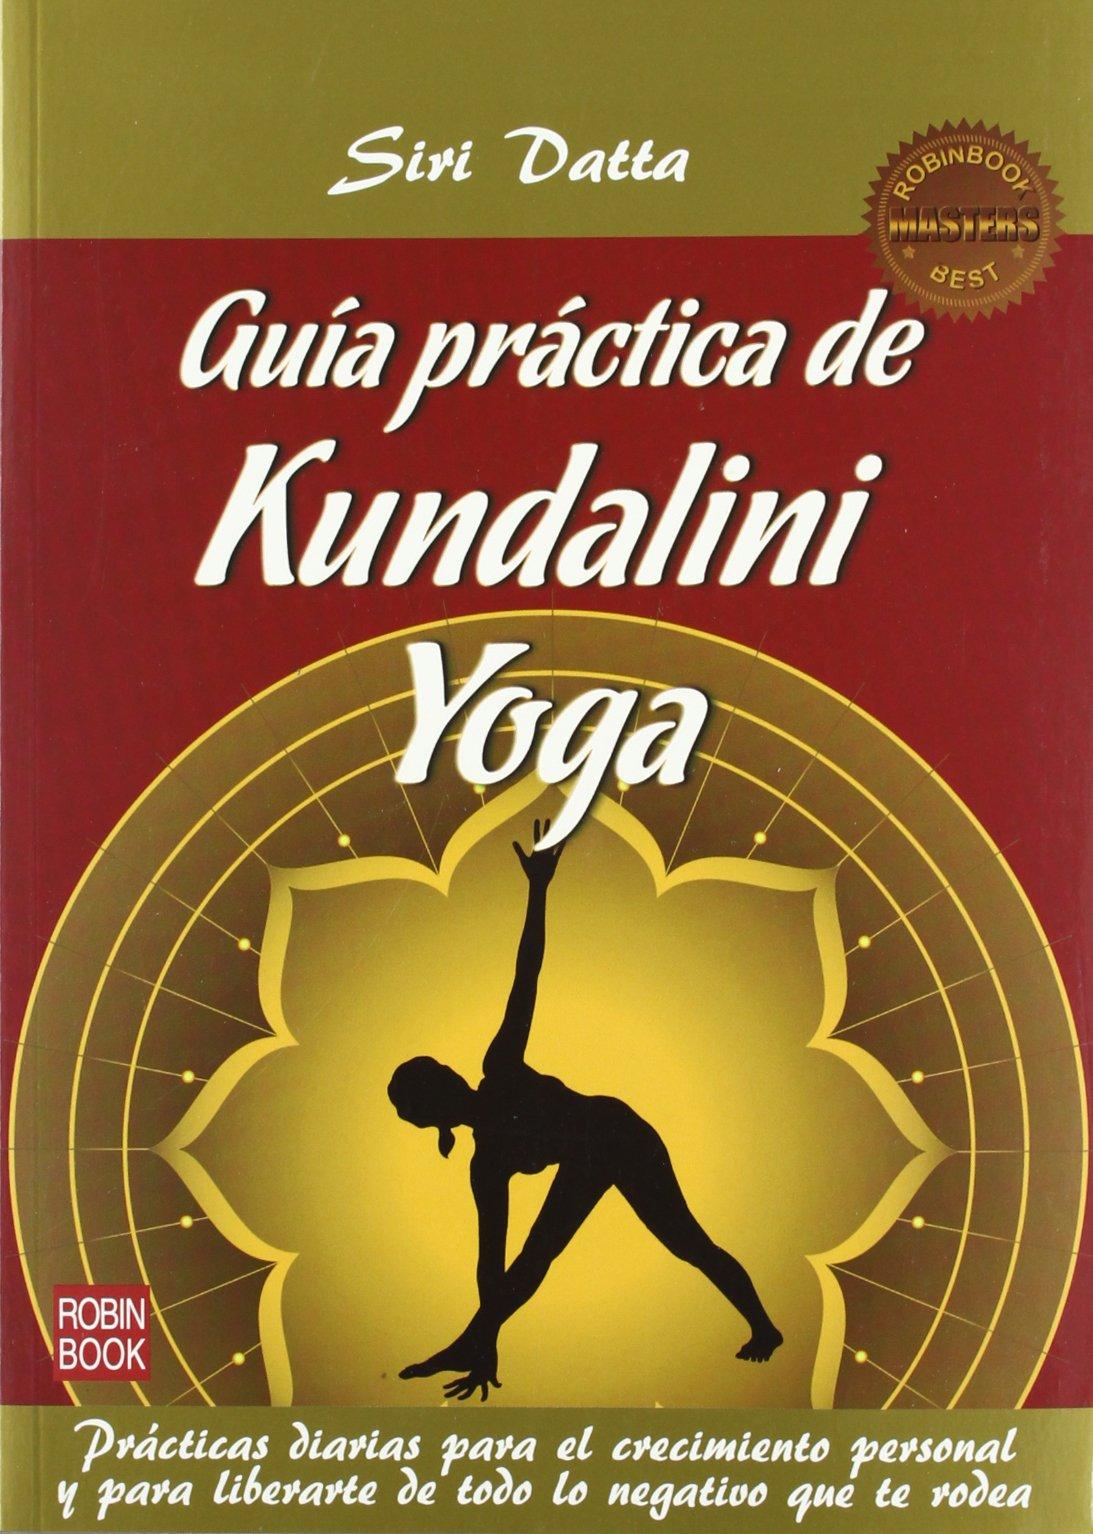 Guia practica de kundalini yoga: SIRI DATTA: 9788499172422 ...